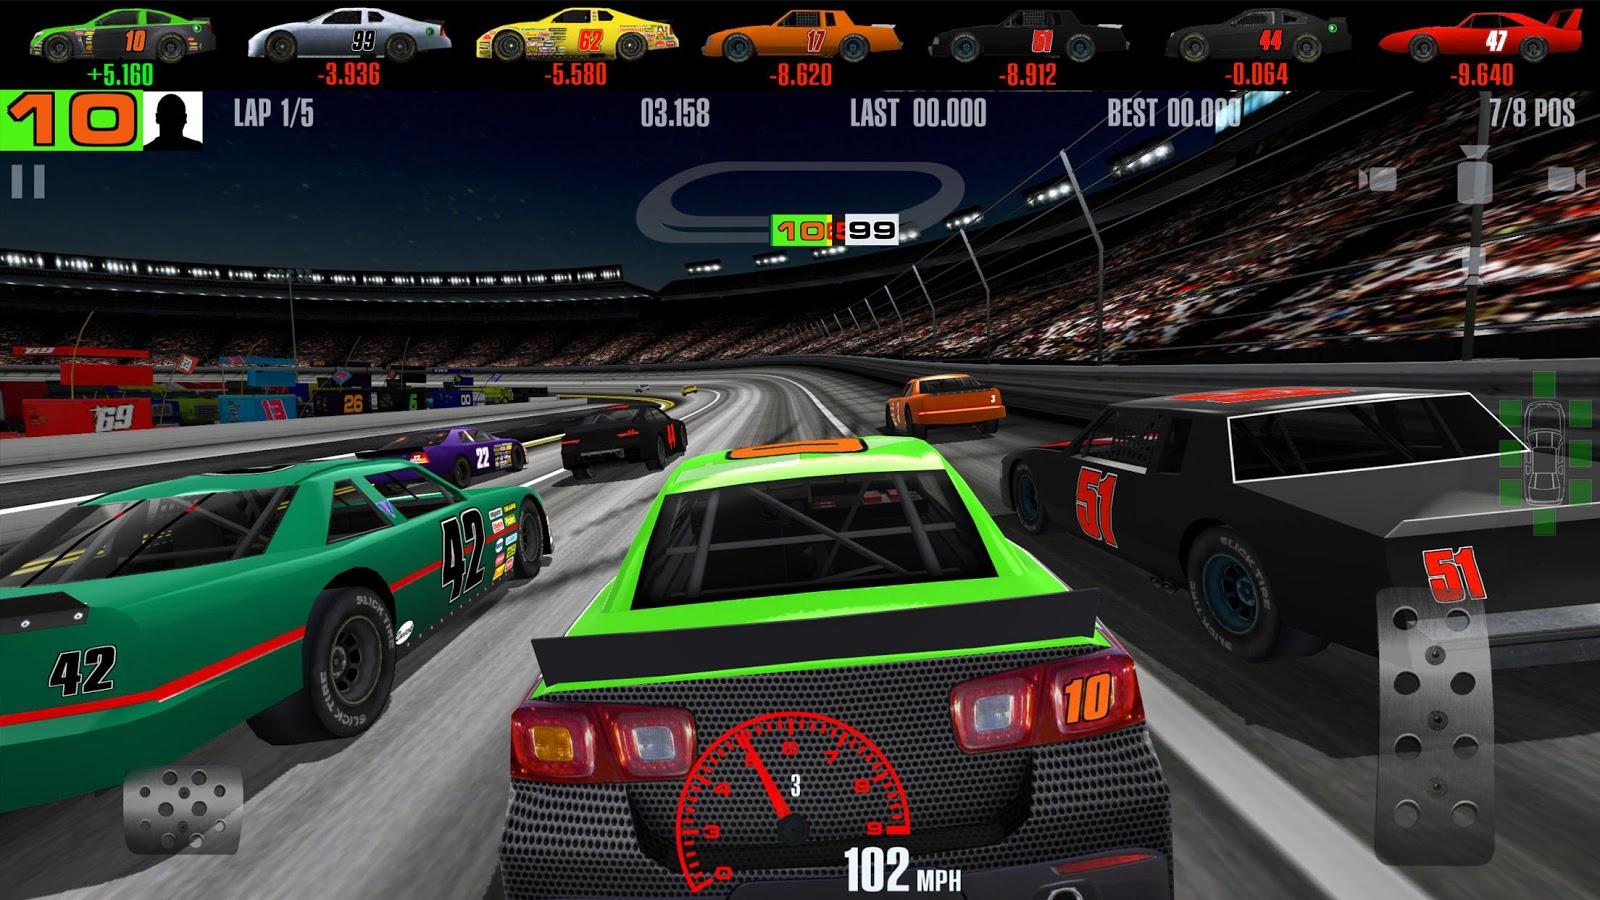 скачать взломанную игру stock car racing